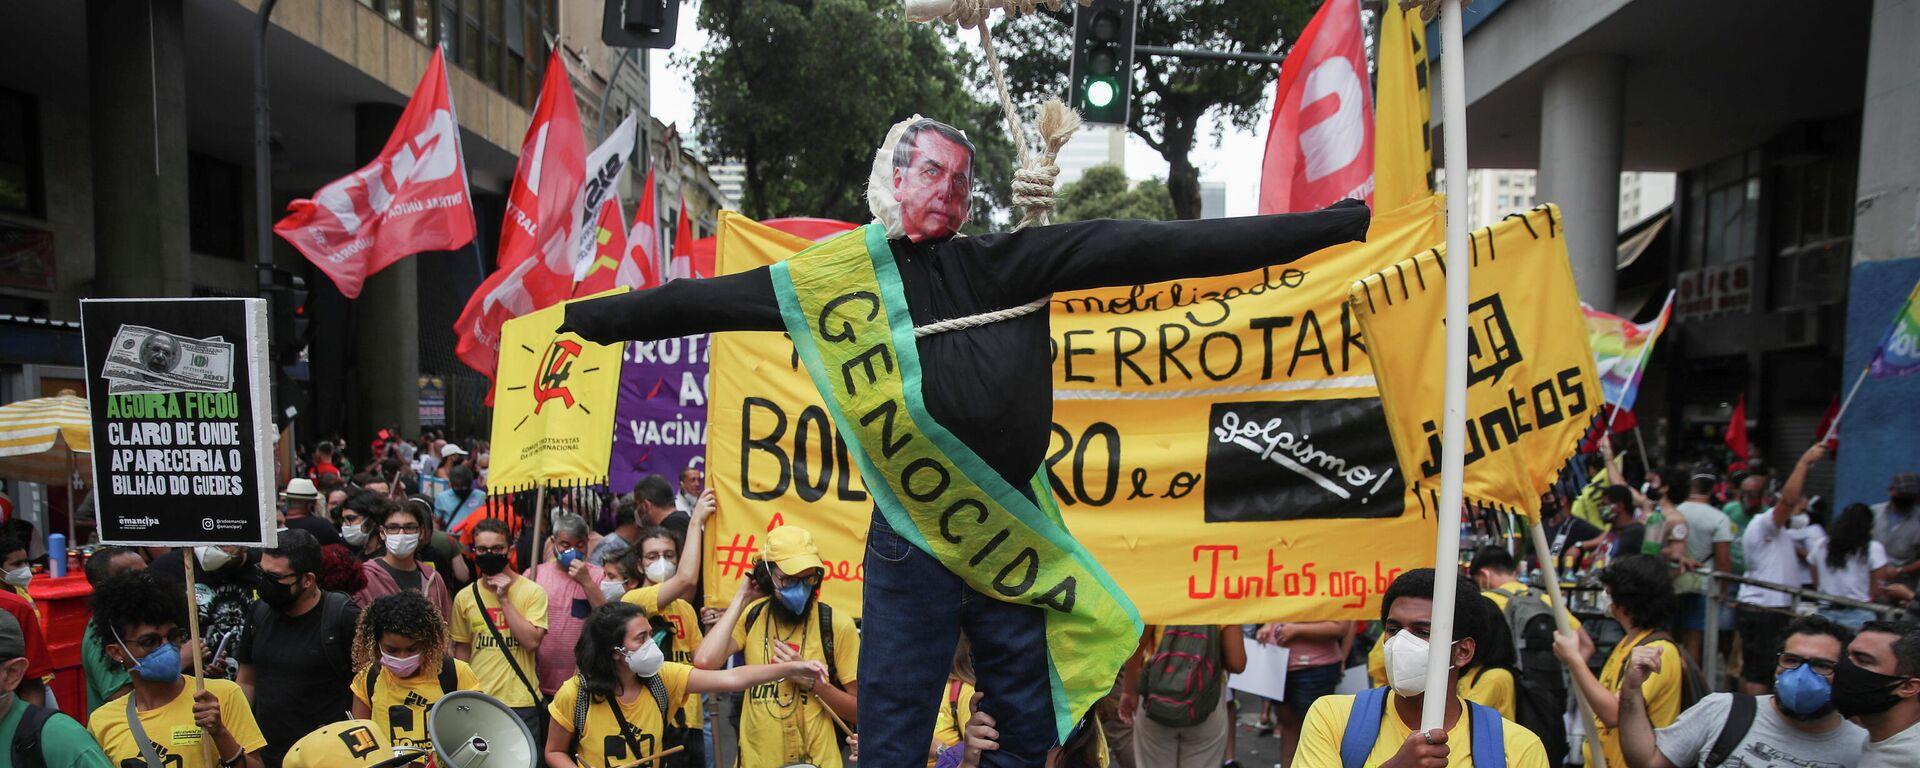 Protestas en Brasil contra Bolsonaro - Sputnik Mundo, 1920, 07.09.2021